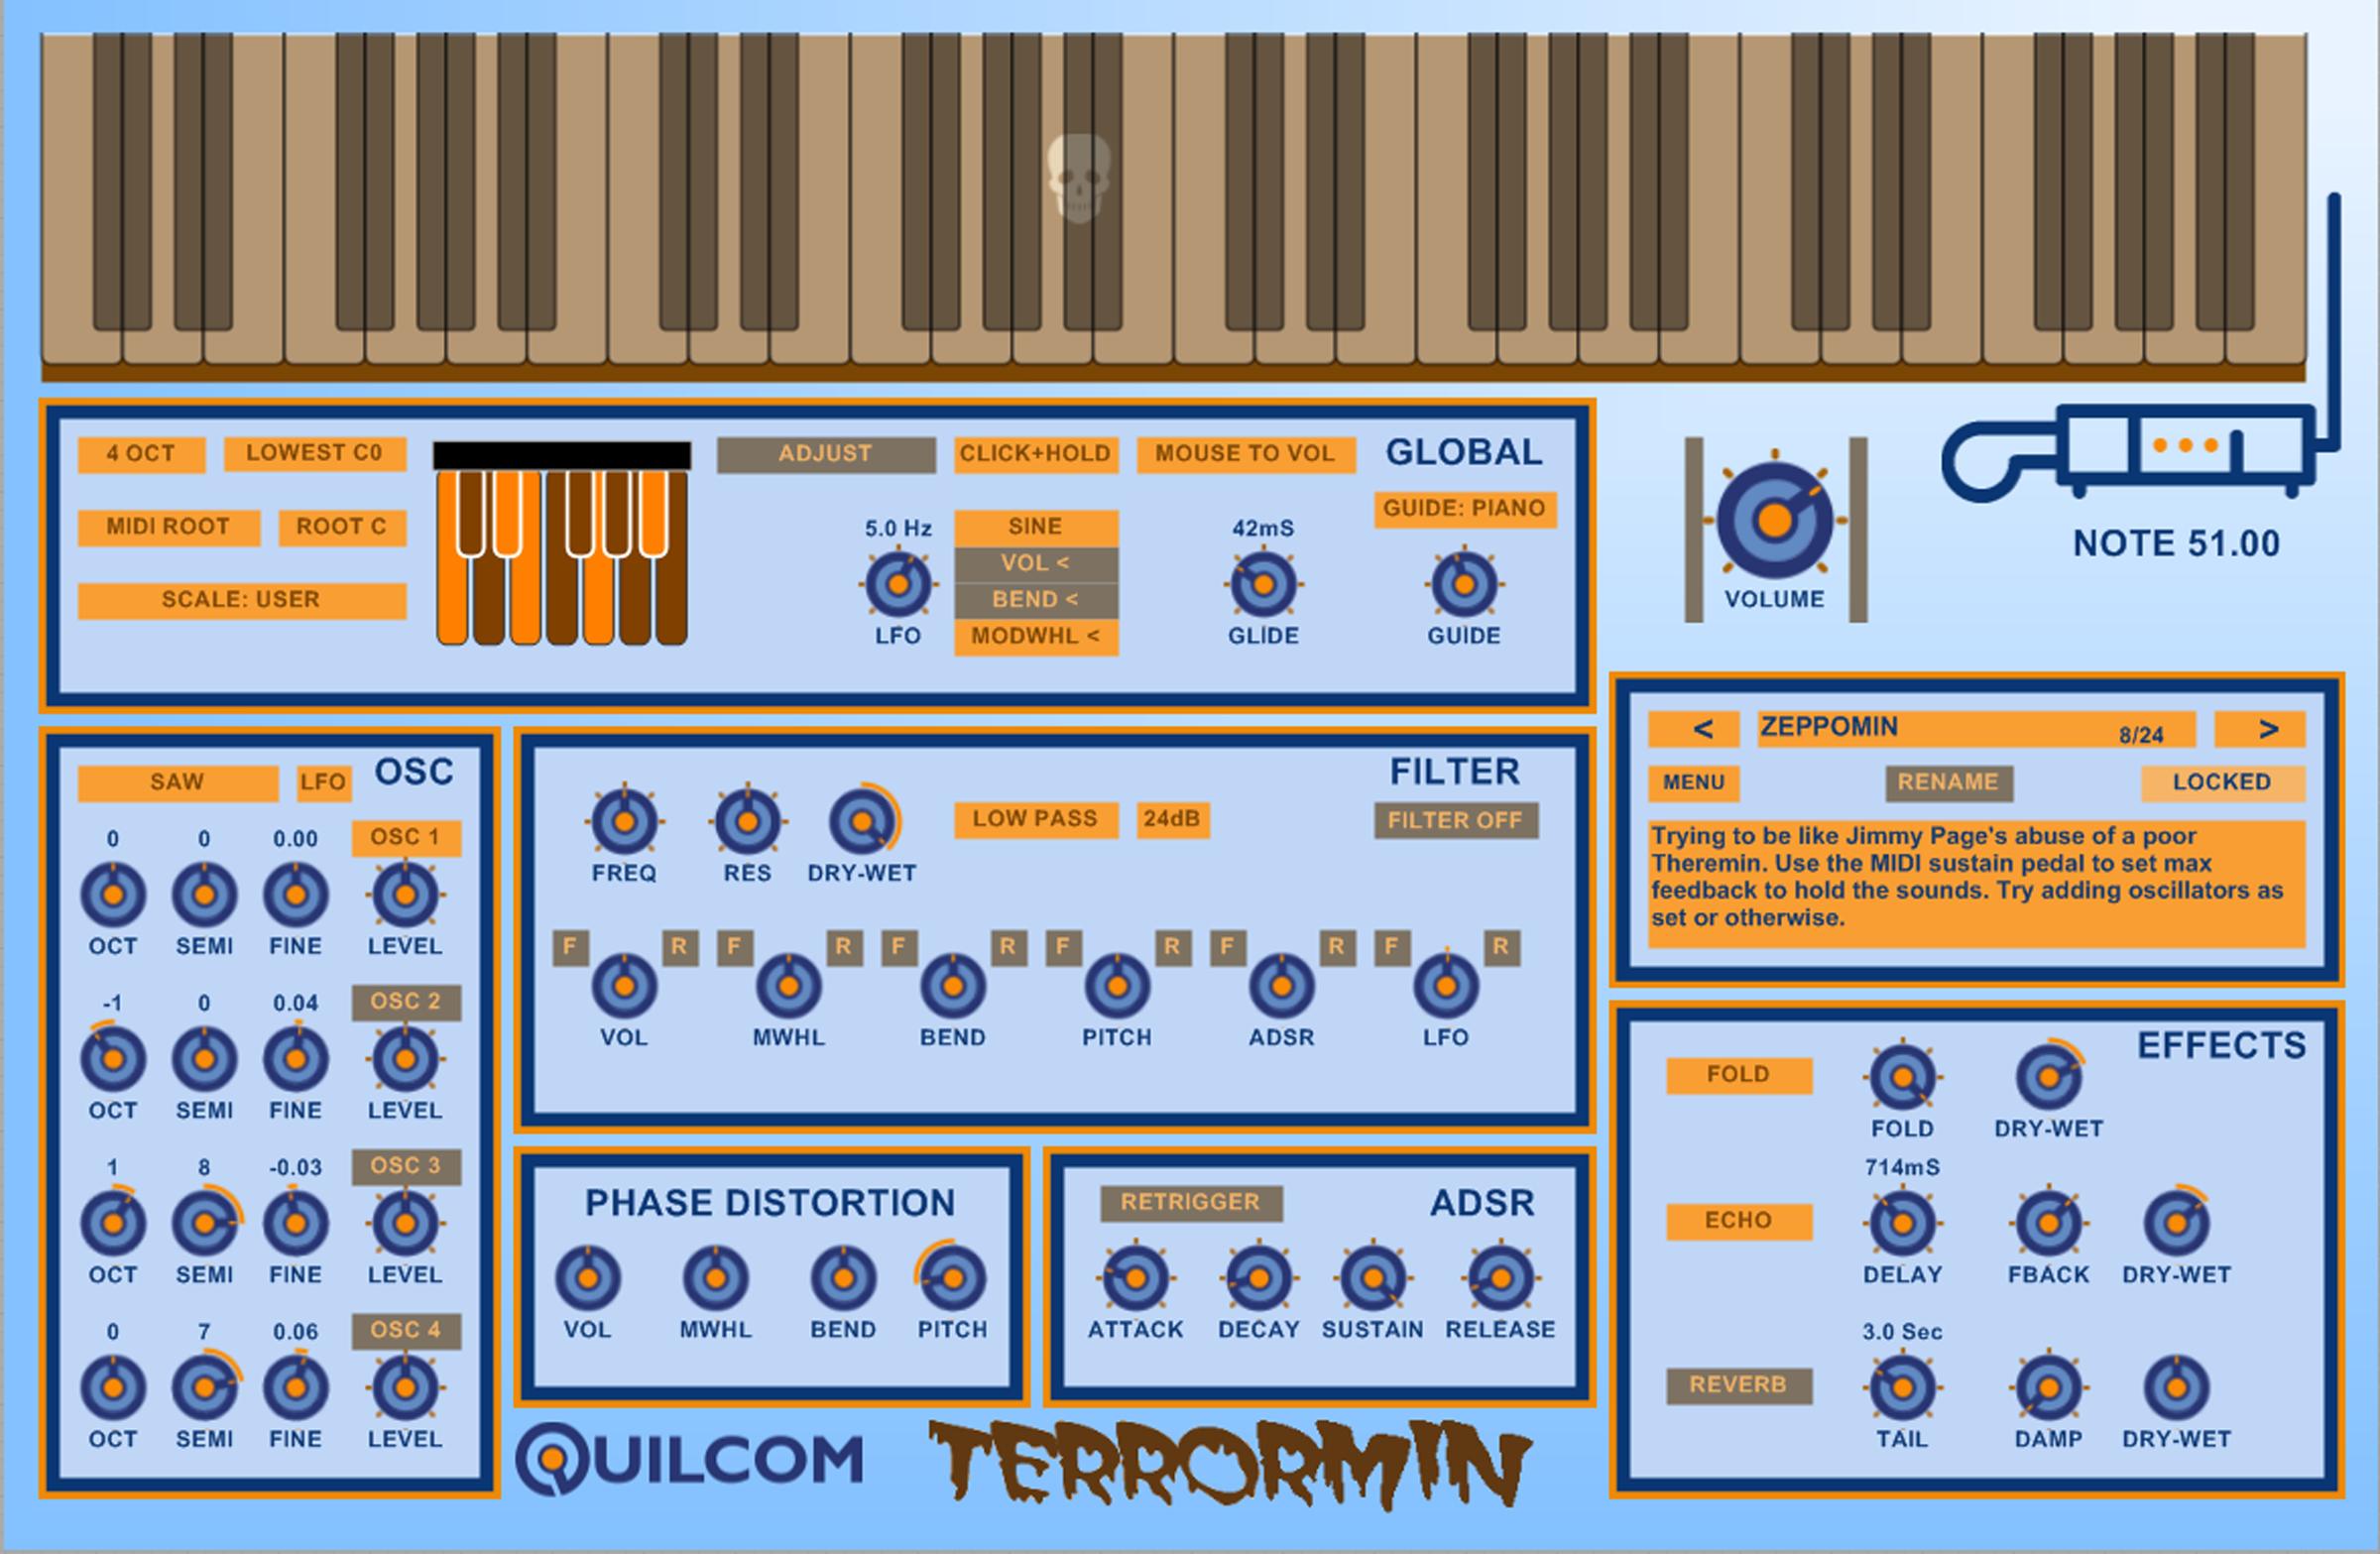 screenshot-with-keyboard-guide-and-scale-keyboard